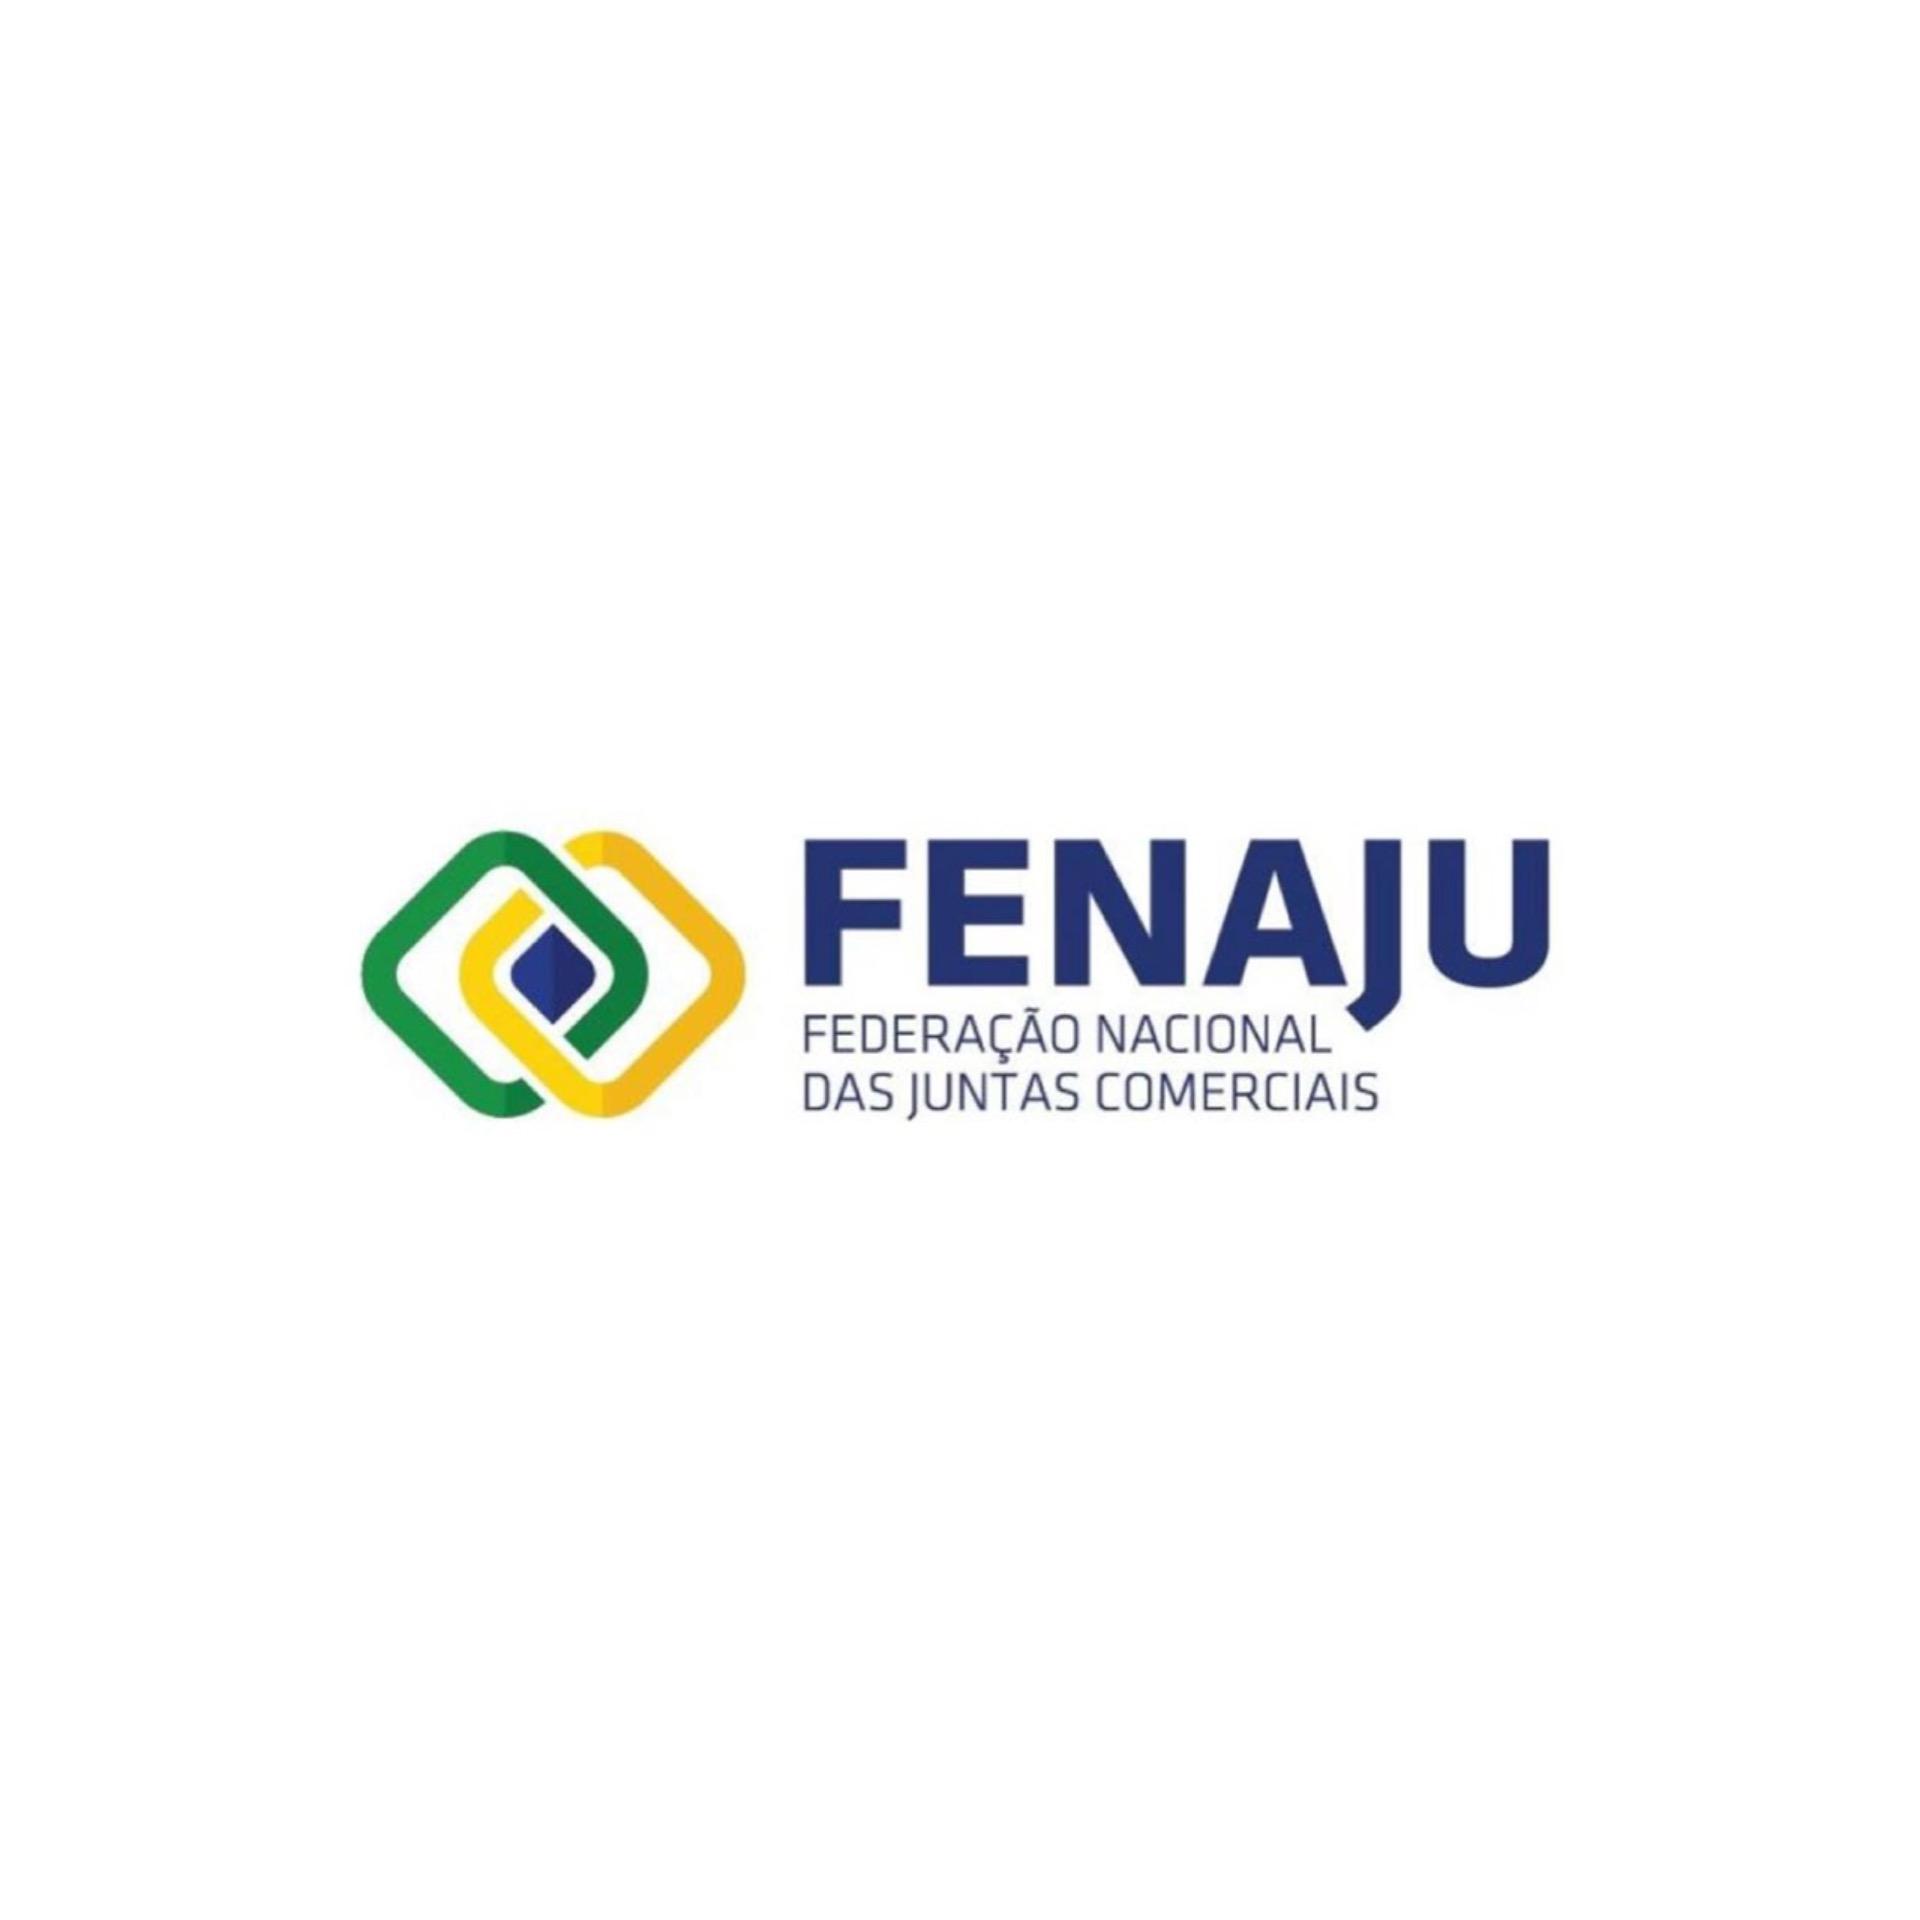 Edital para eleição da diretoria e conselho fiscal da FENAJU